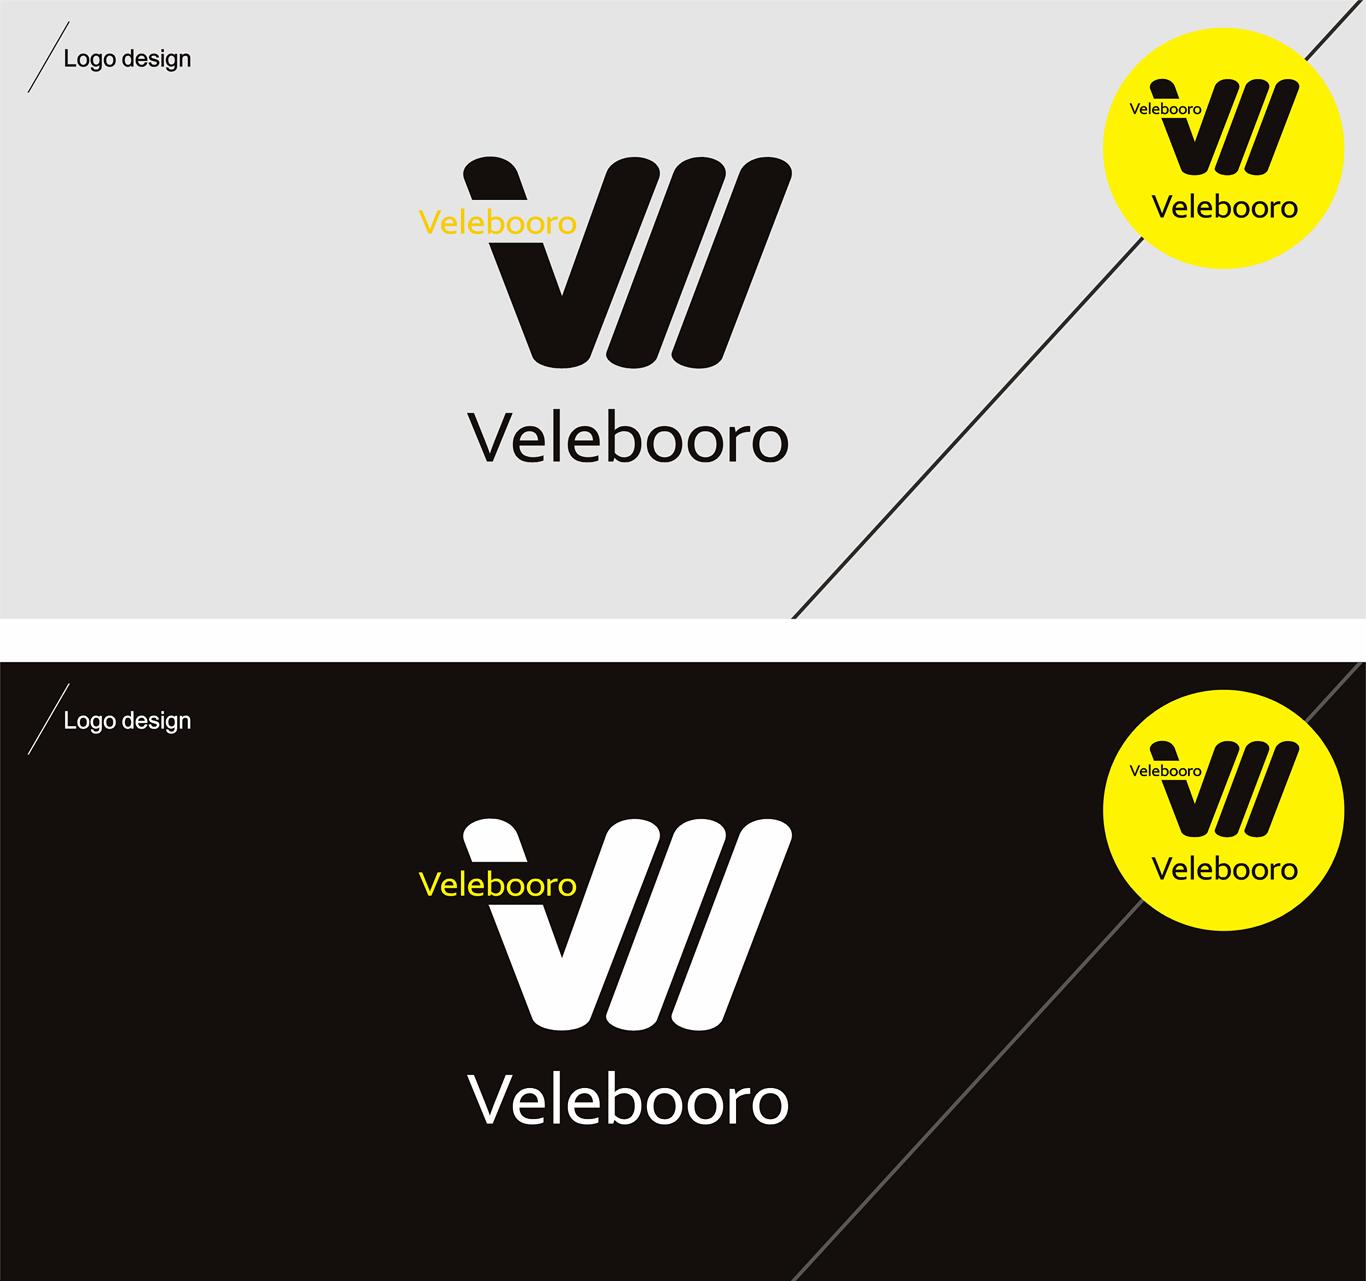 主营项目:鞋类 主要以休闲鞋、潮鞋、文化鞋,民族自主品牌为主。 商标:Velebooro 中文名:未来部落 设计要求: 1、以黄色、黑色为基准(如设计者有更好的设计配色方案也可) 2、Logo创意设计及寓意的文字说明。 3、简洁明了、色调协调、美感,充分体现公司的行业特征。 4、Logo作品能够注册商标。 5。鞋盒包装以及标签的设计。 知识产权及责任声明: 1、所设计的作品应为原创,未侵犯他人的著作权;如有侵犯他人著作权,由设计 者承担所有法律责任。完成的LOGO设计不应与著名商标或常用图标/徽标雷同或类